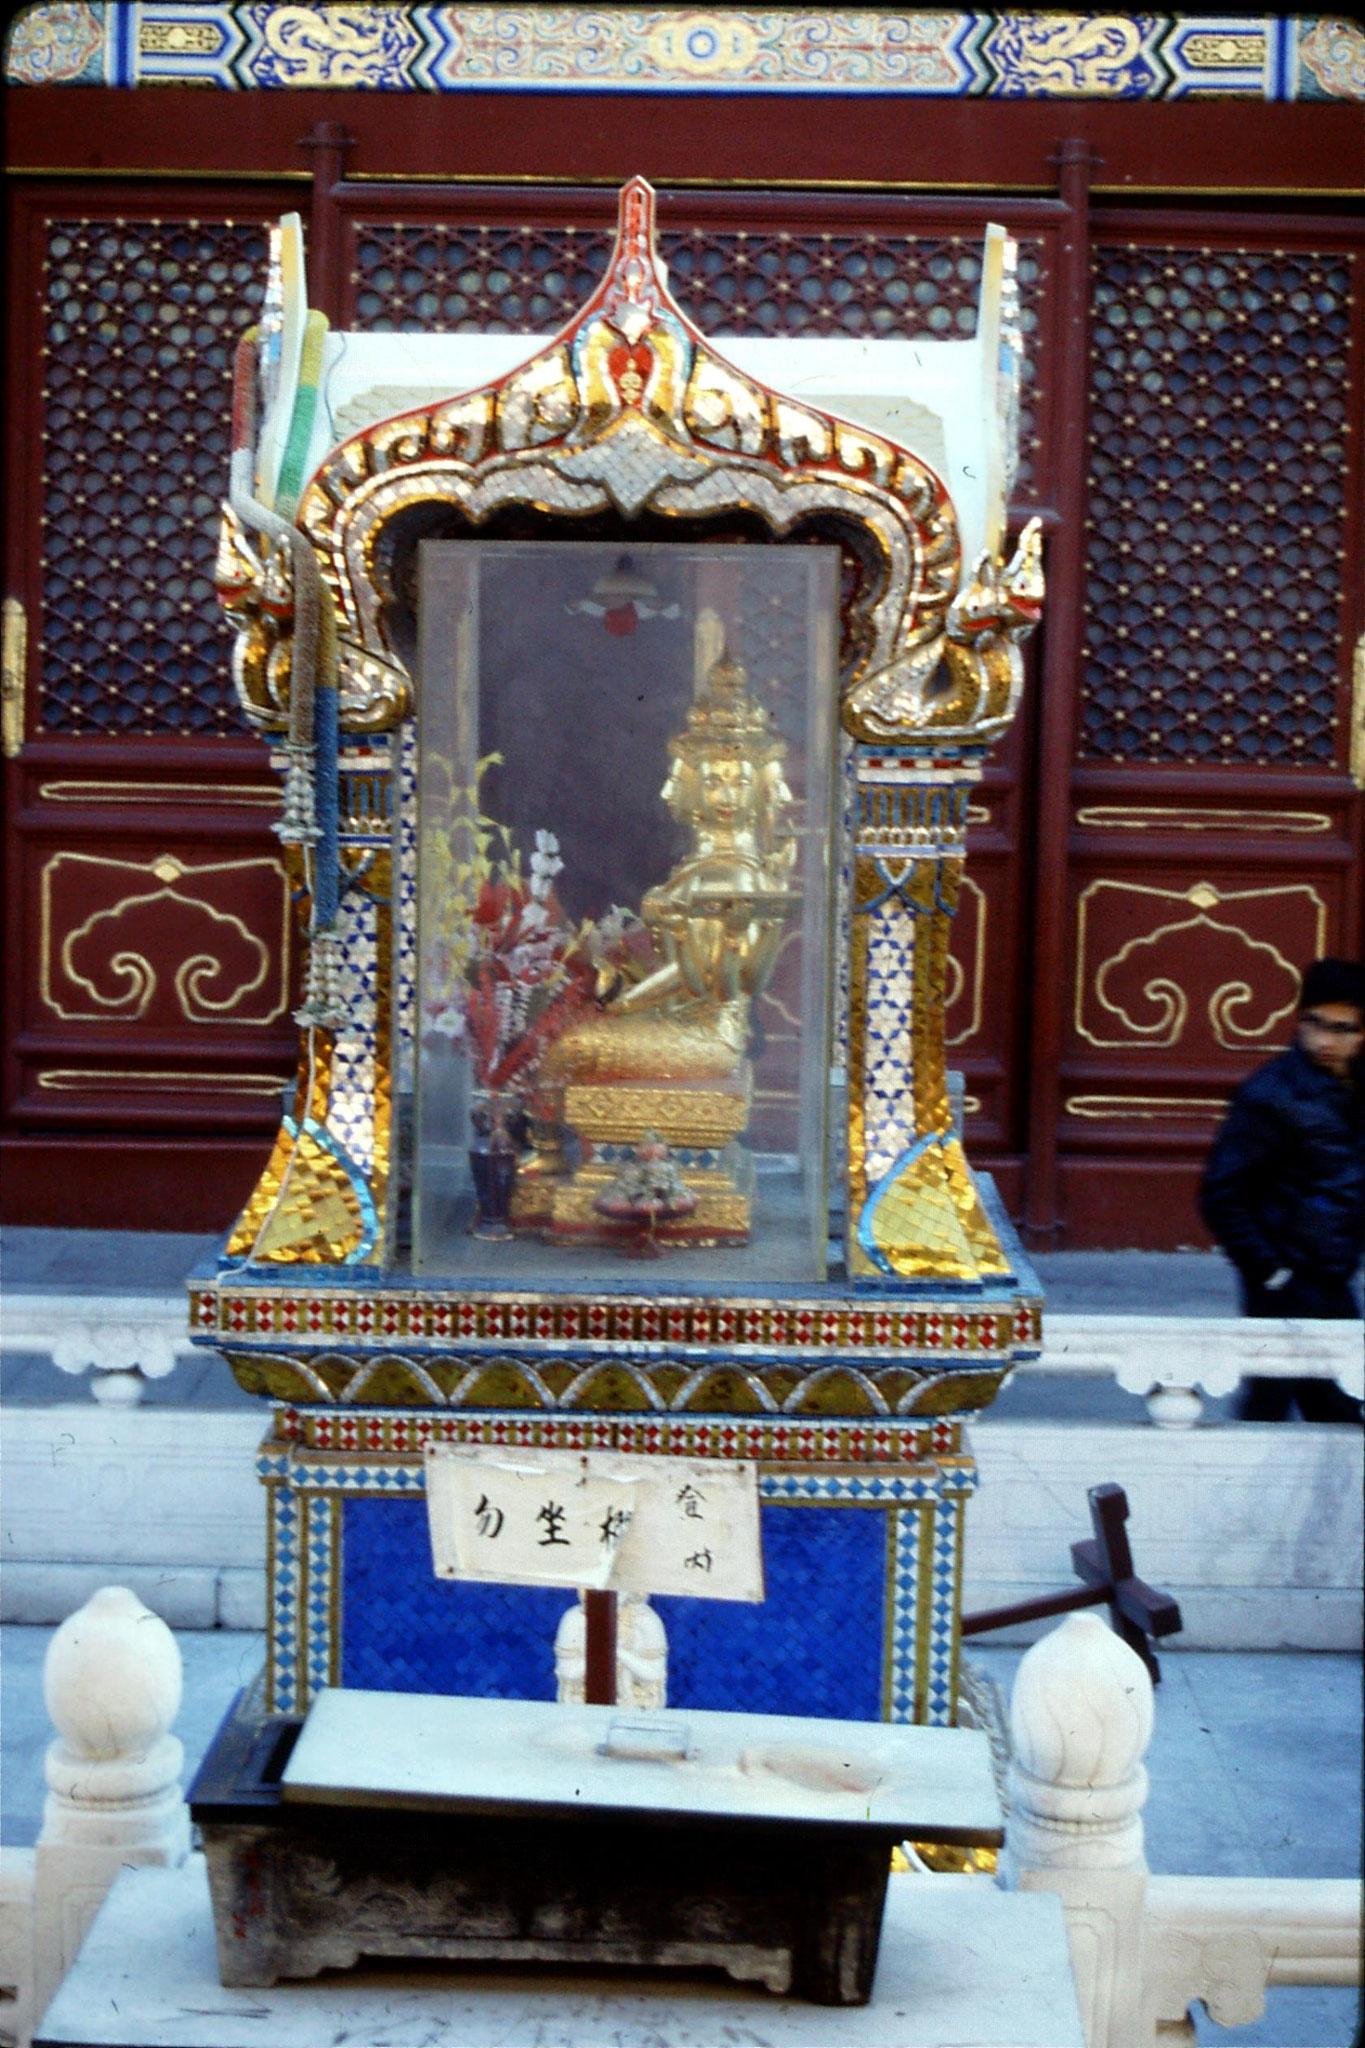 4/12/1988: 8: Beijing Yong He temple